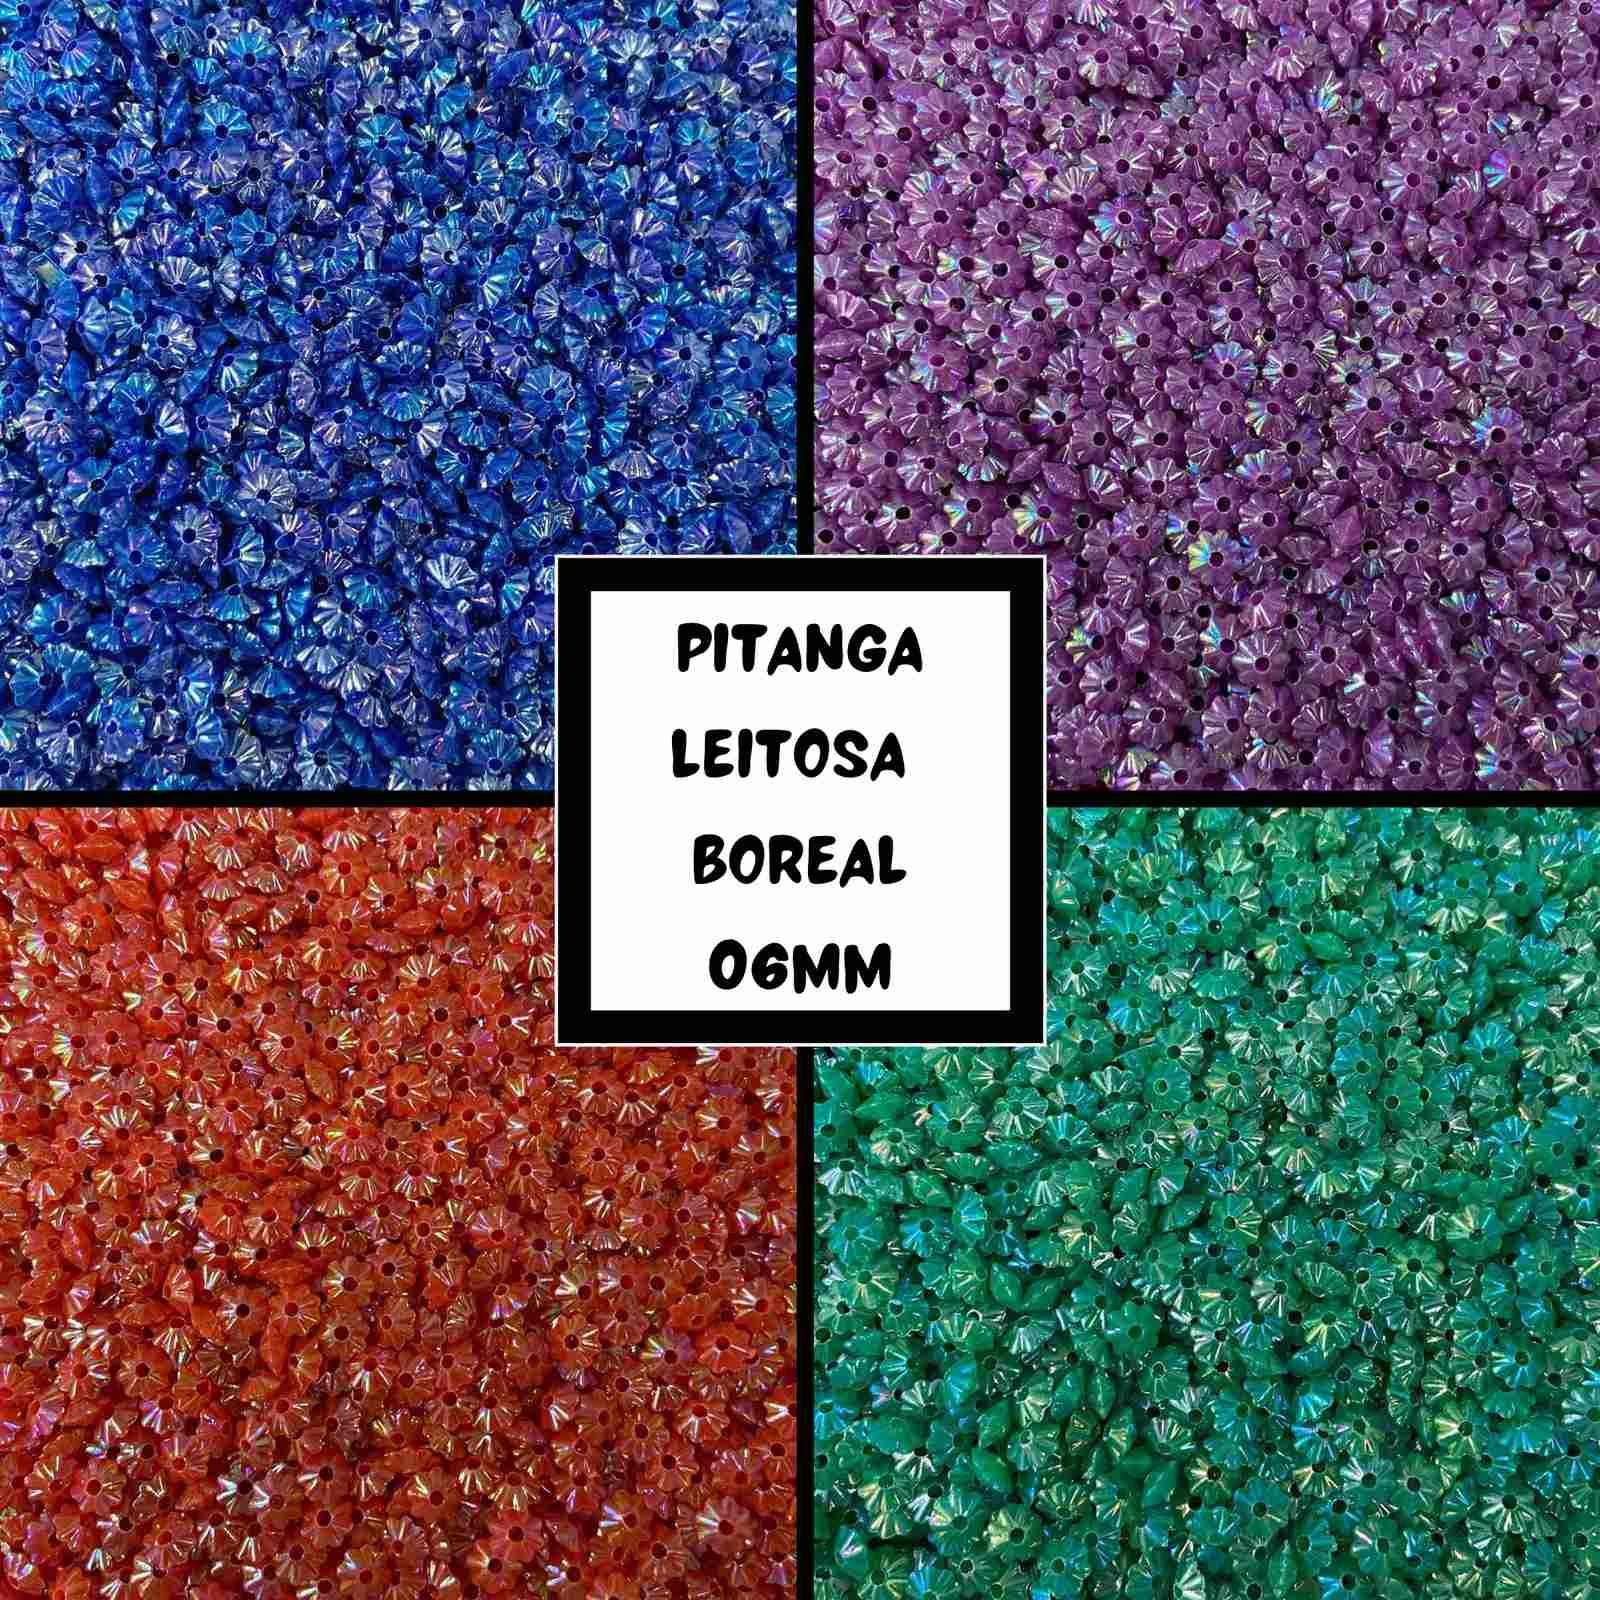 Pitanga 06mm Leitosa Boreal - 500g